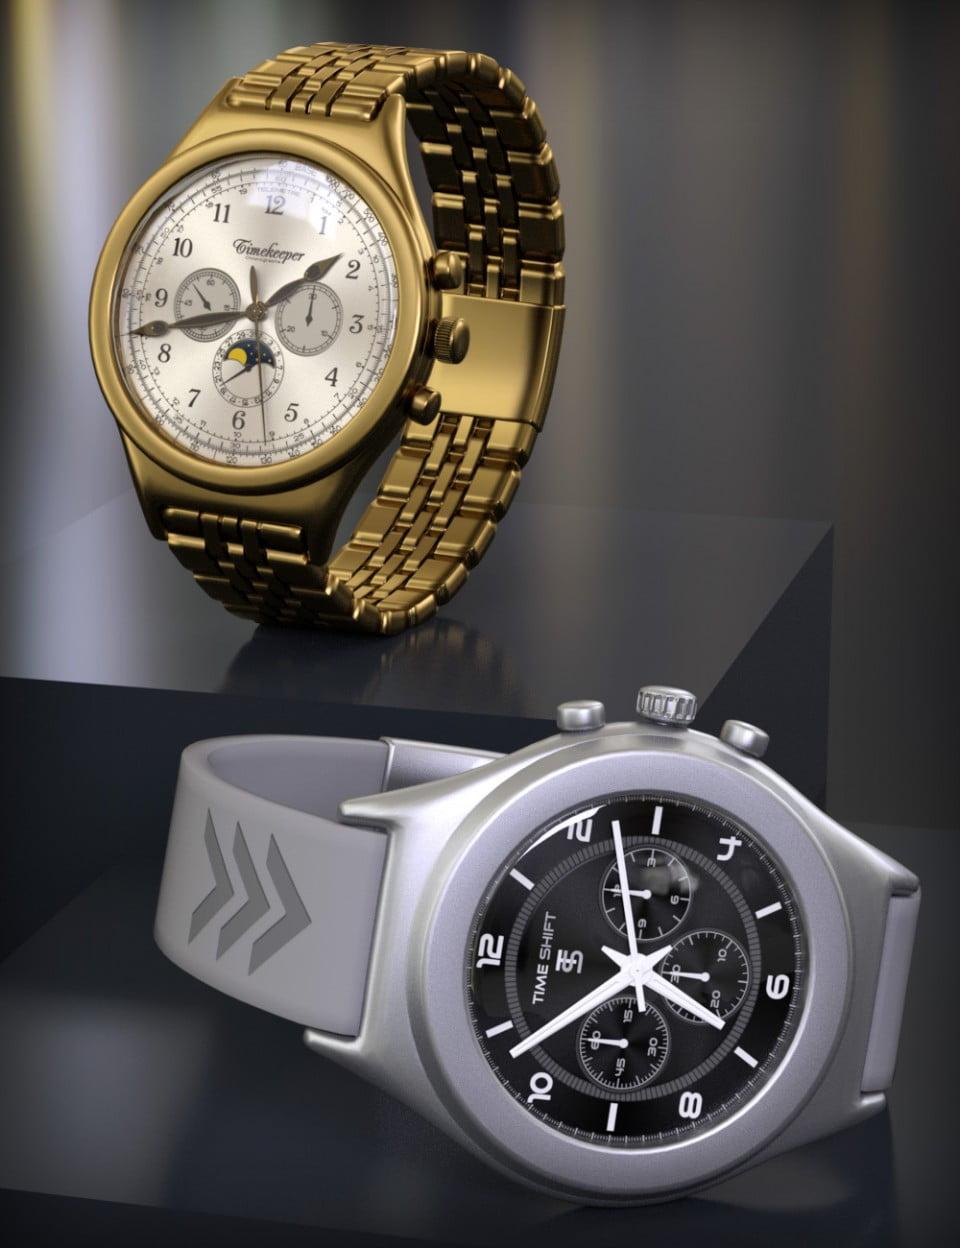 Varied Round Watches for Round Wristwatch